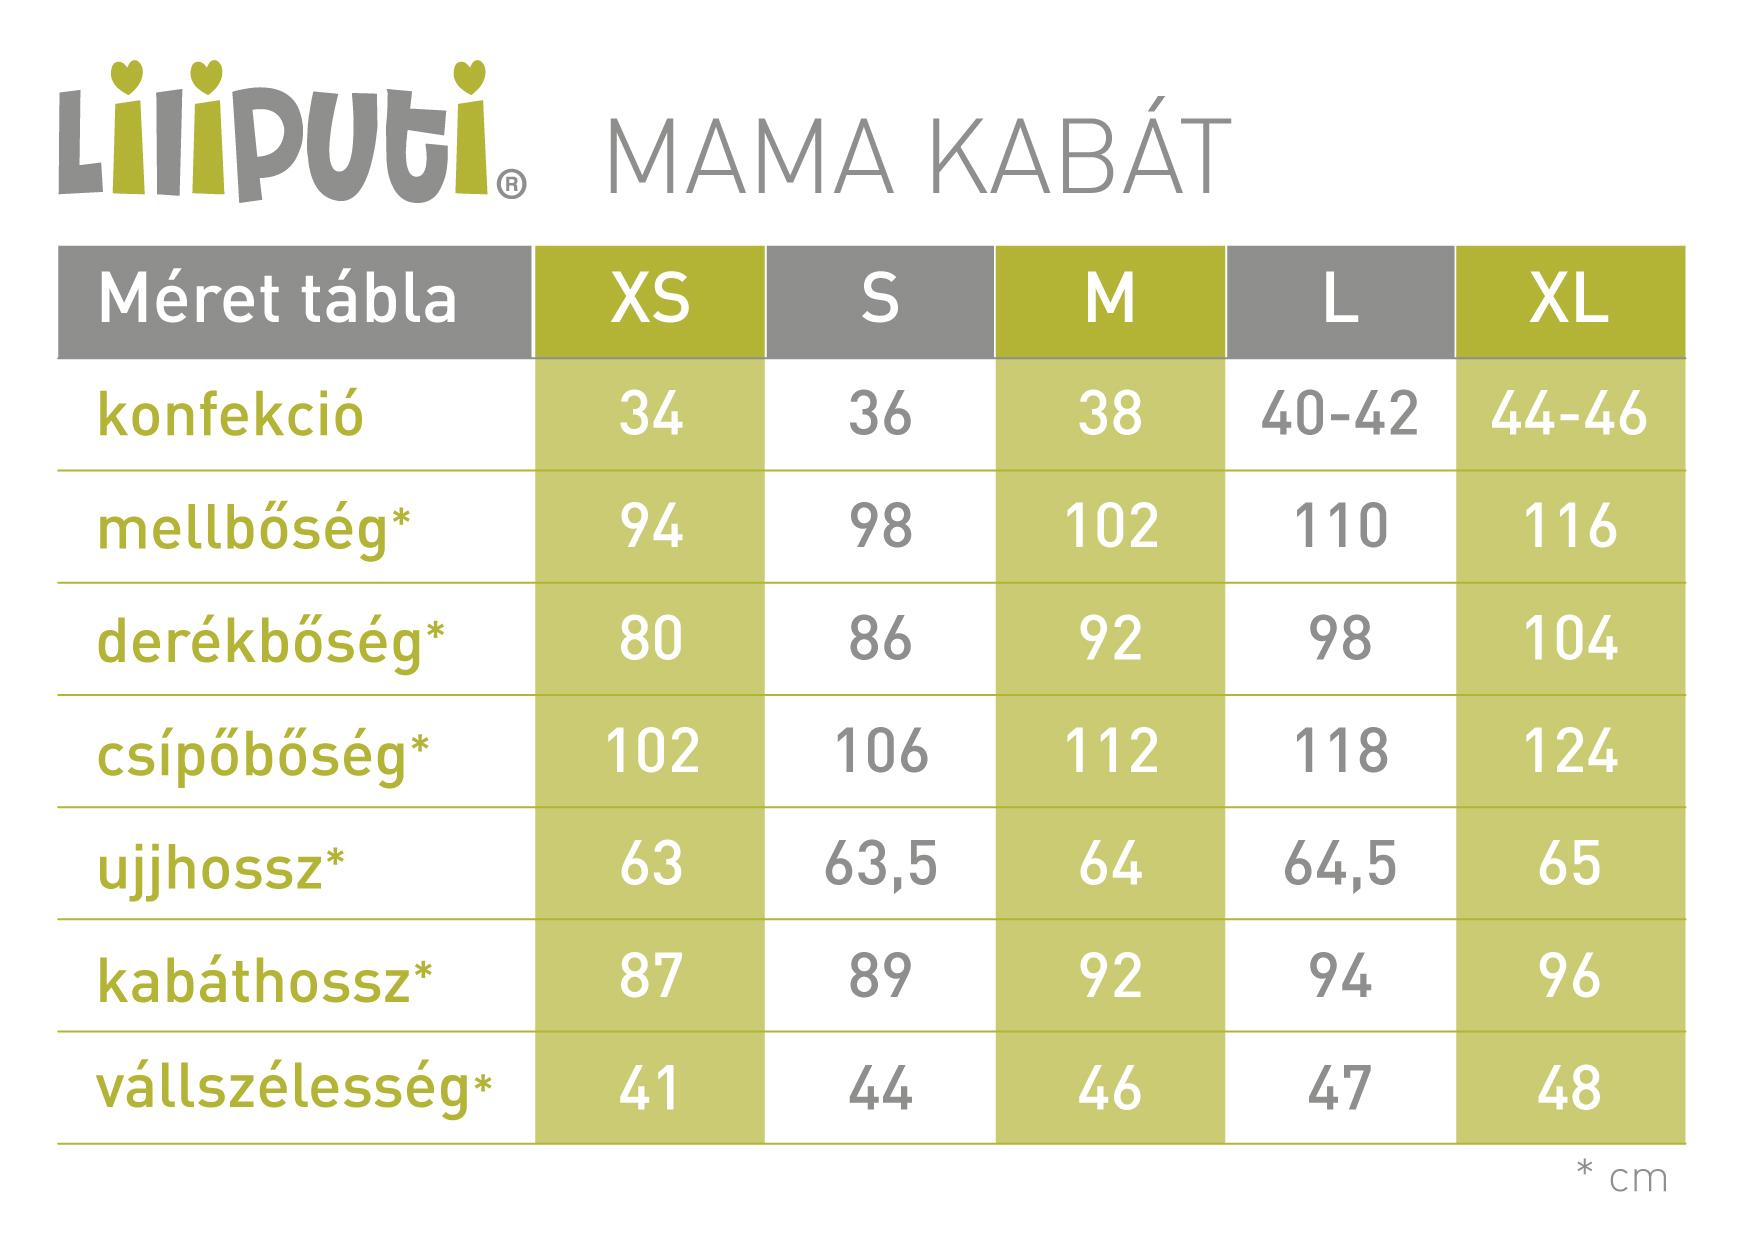 dddaa53041 Liliputi® 4in1 Mama Kabát Feather | Liliputi bababolt